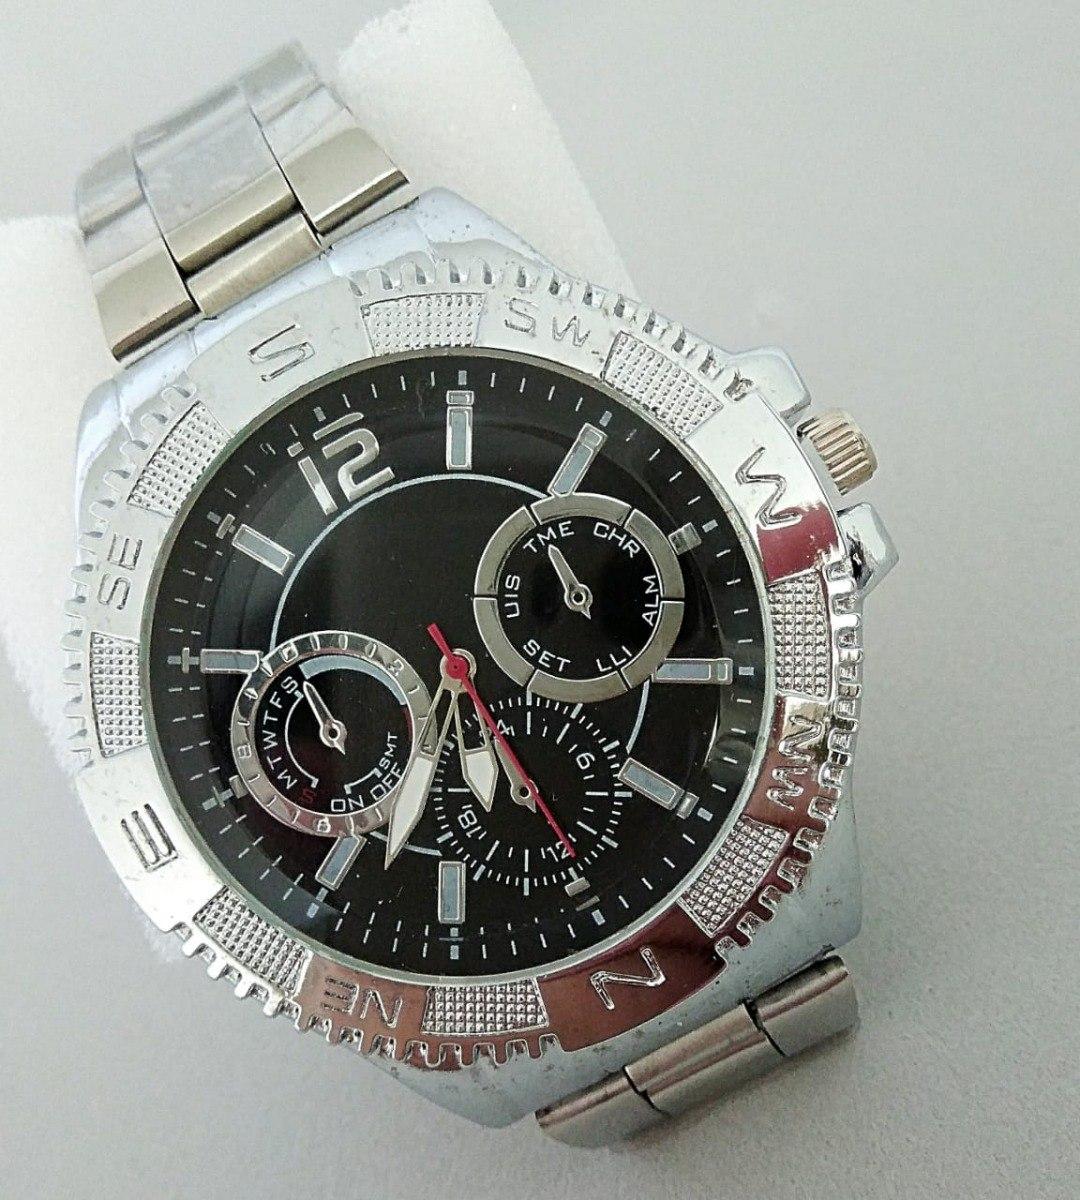 c21ca5bb9c8 relógio de ponteiro prateado esportivo chique masculino moda. Carregando  zoom.